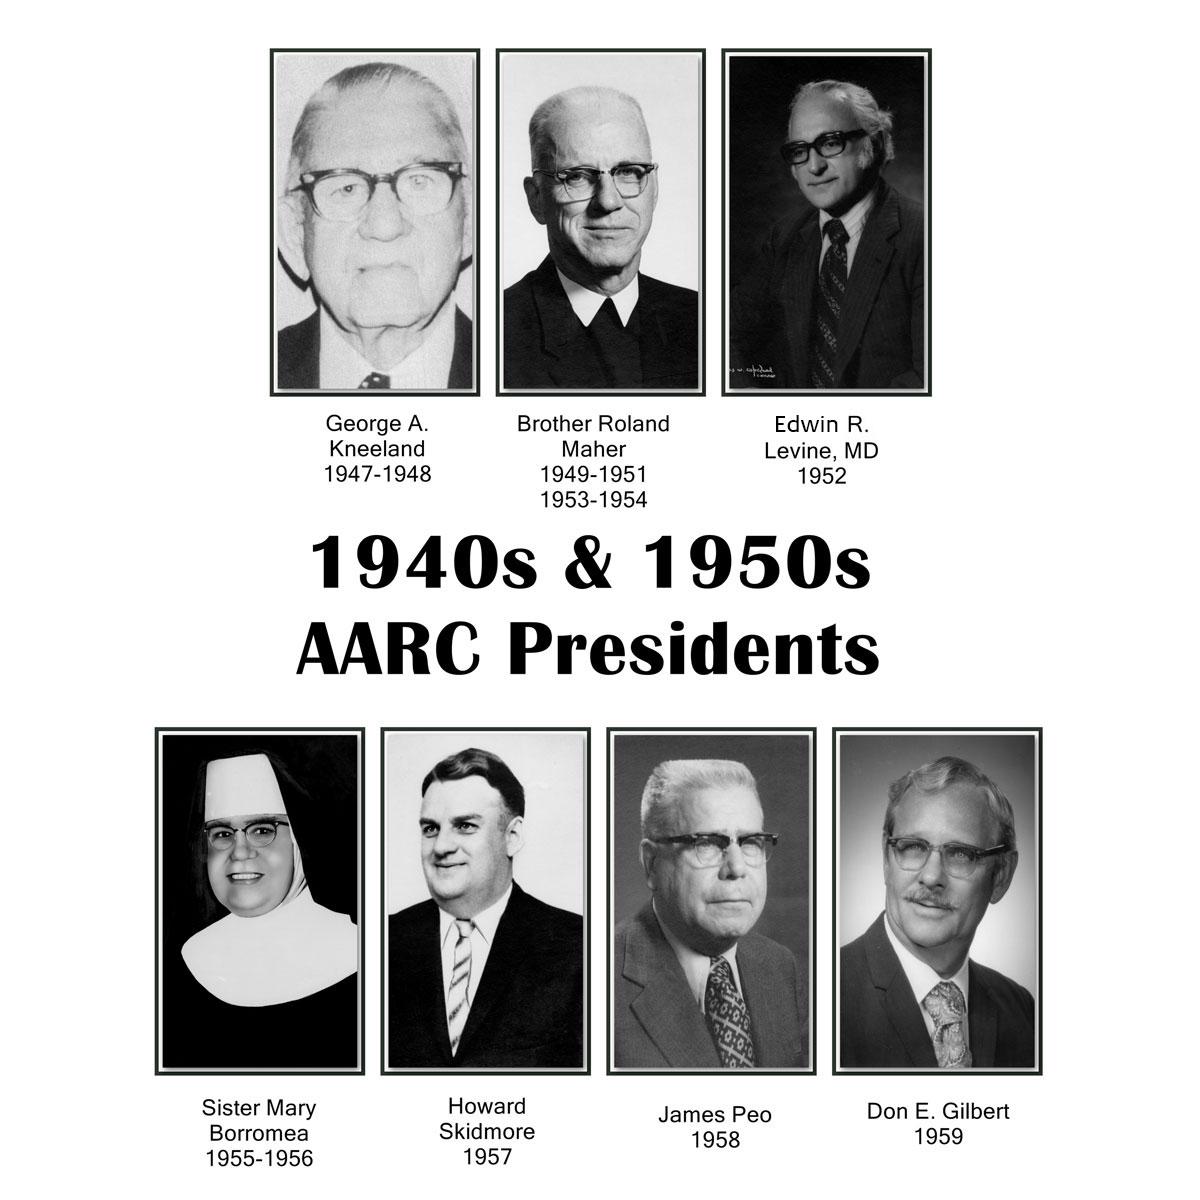 AARC Presidents 1940s & 1950s